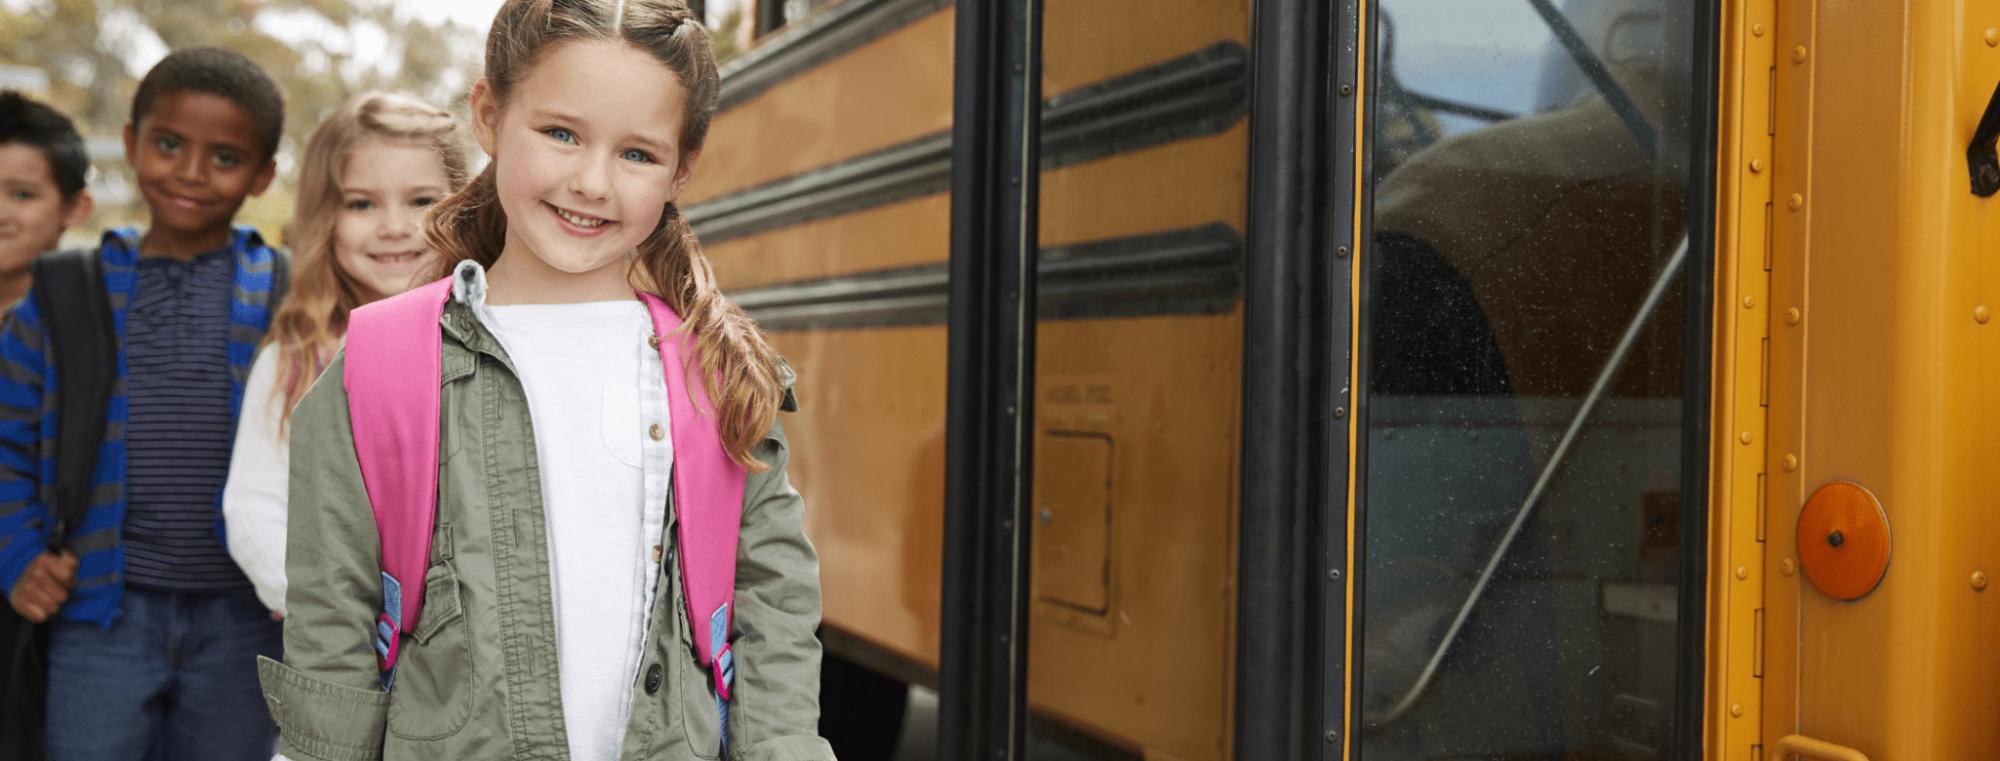 Kansalaisaloite vaatii maksutonta koulukuljetusta molempien vanhempien luota lapsen asuessa kahdessa kodissa